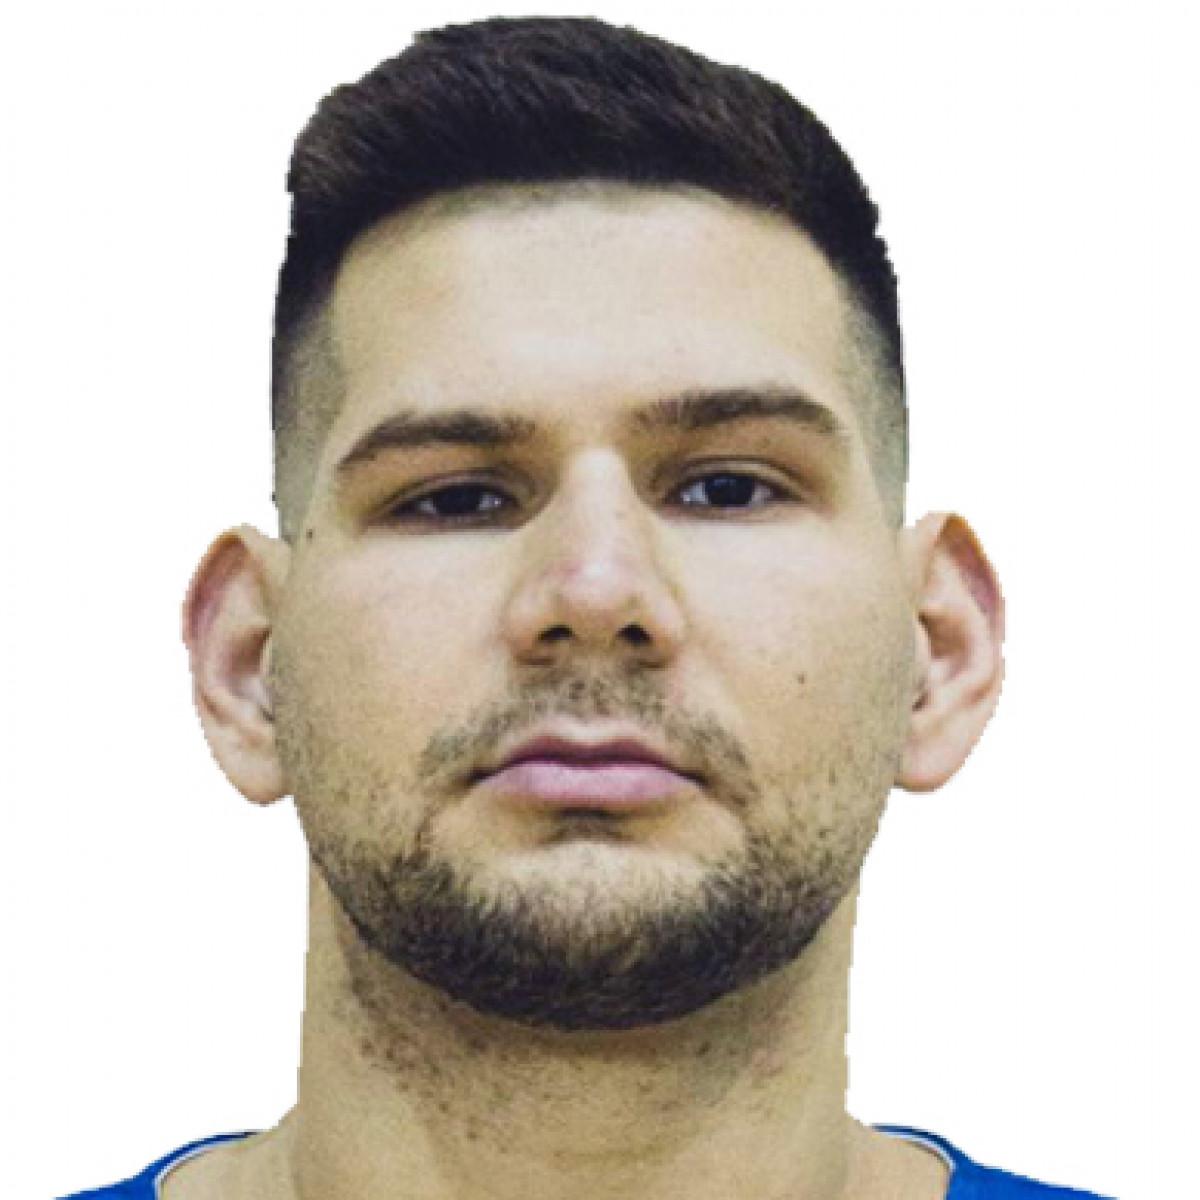 Luka Zaharijevic